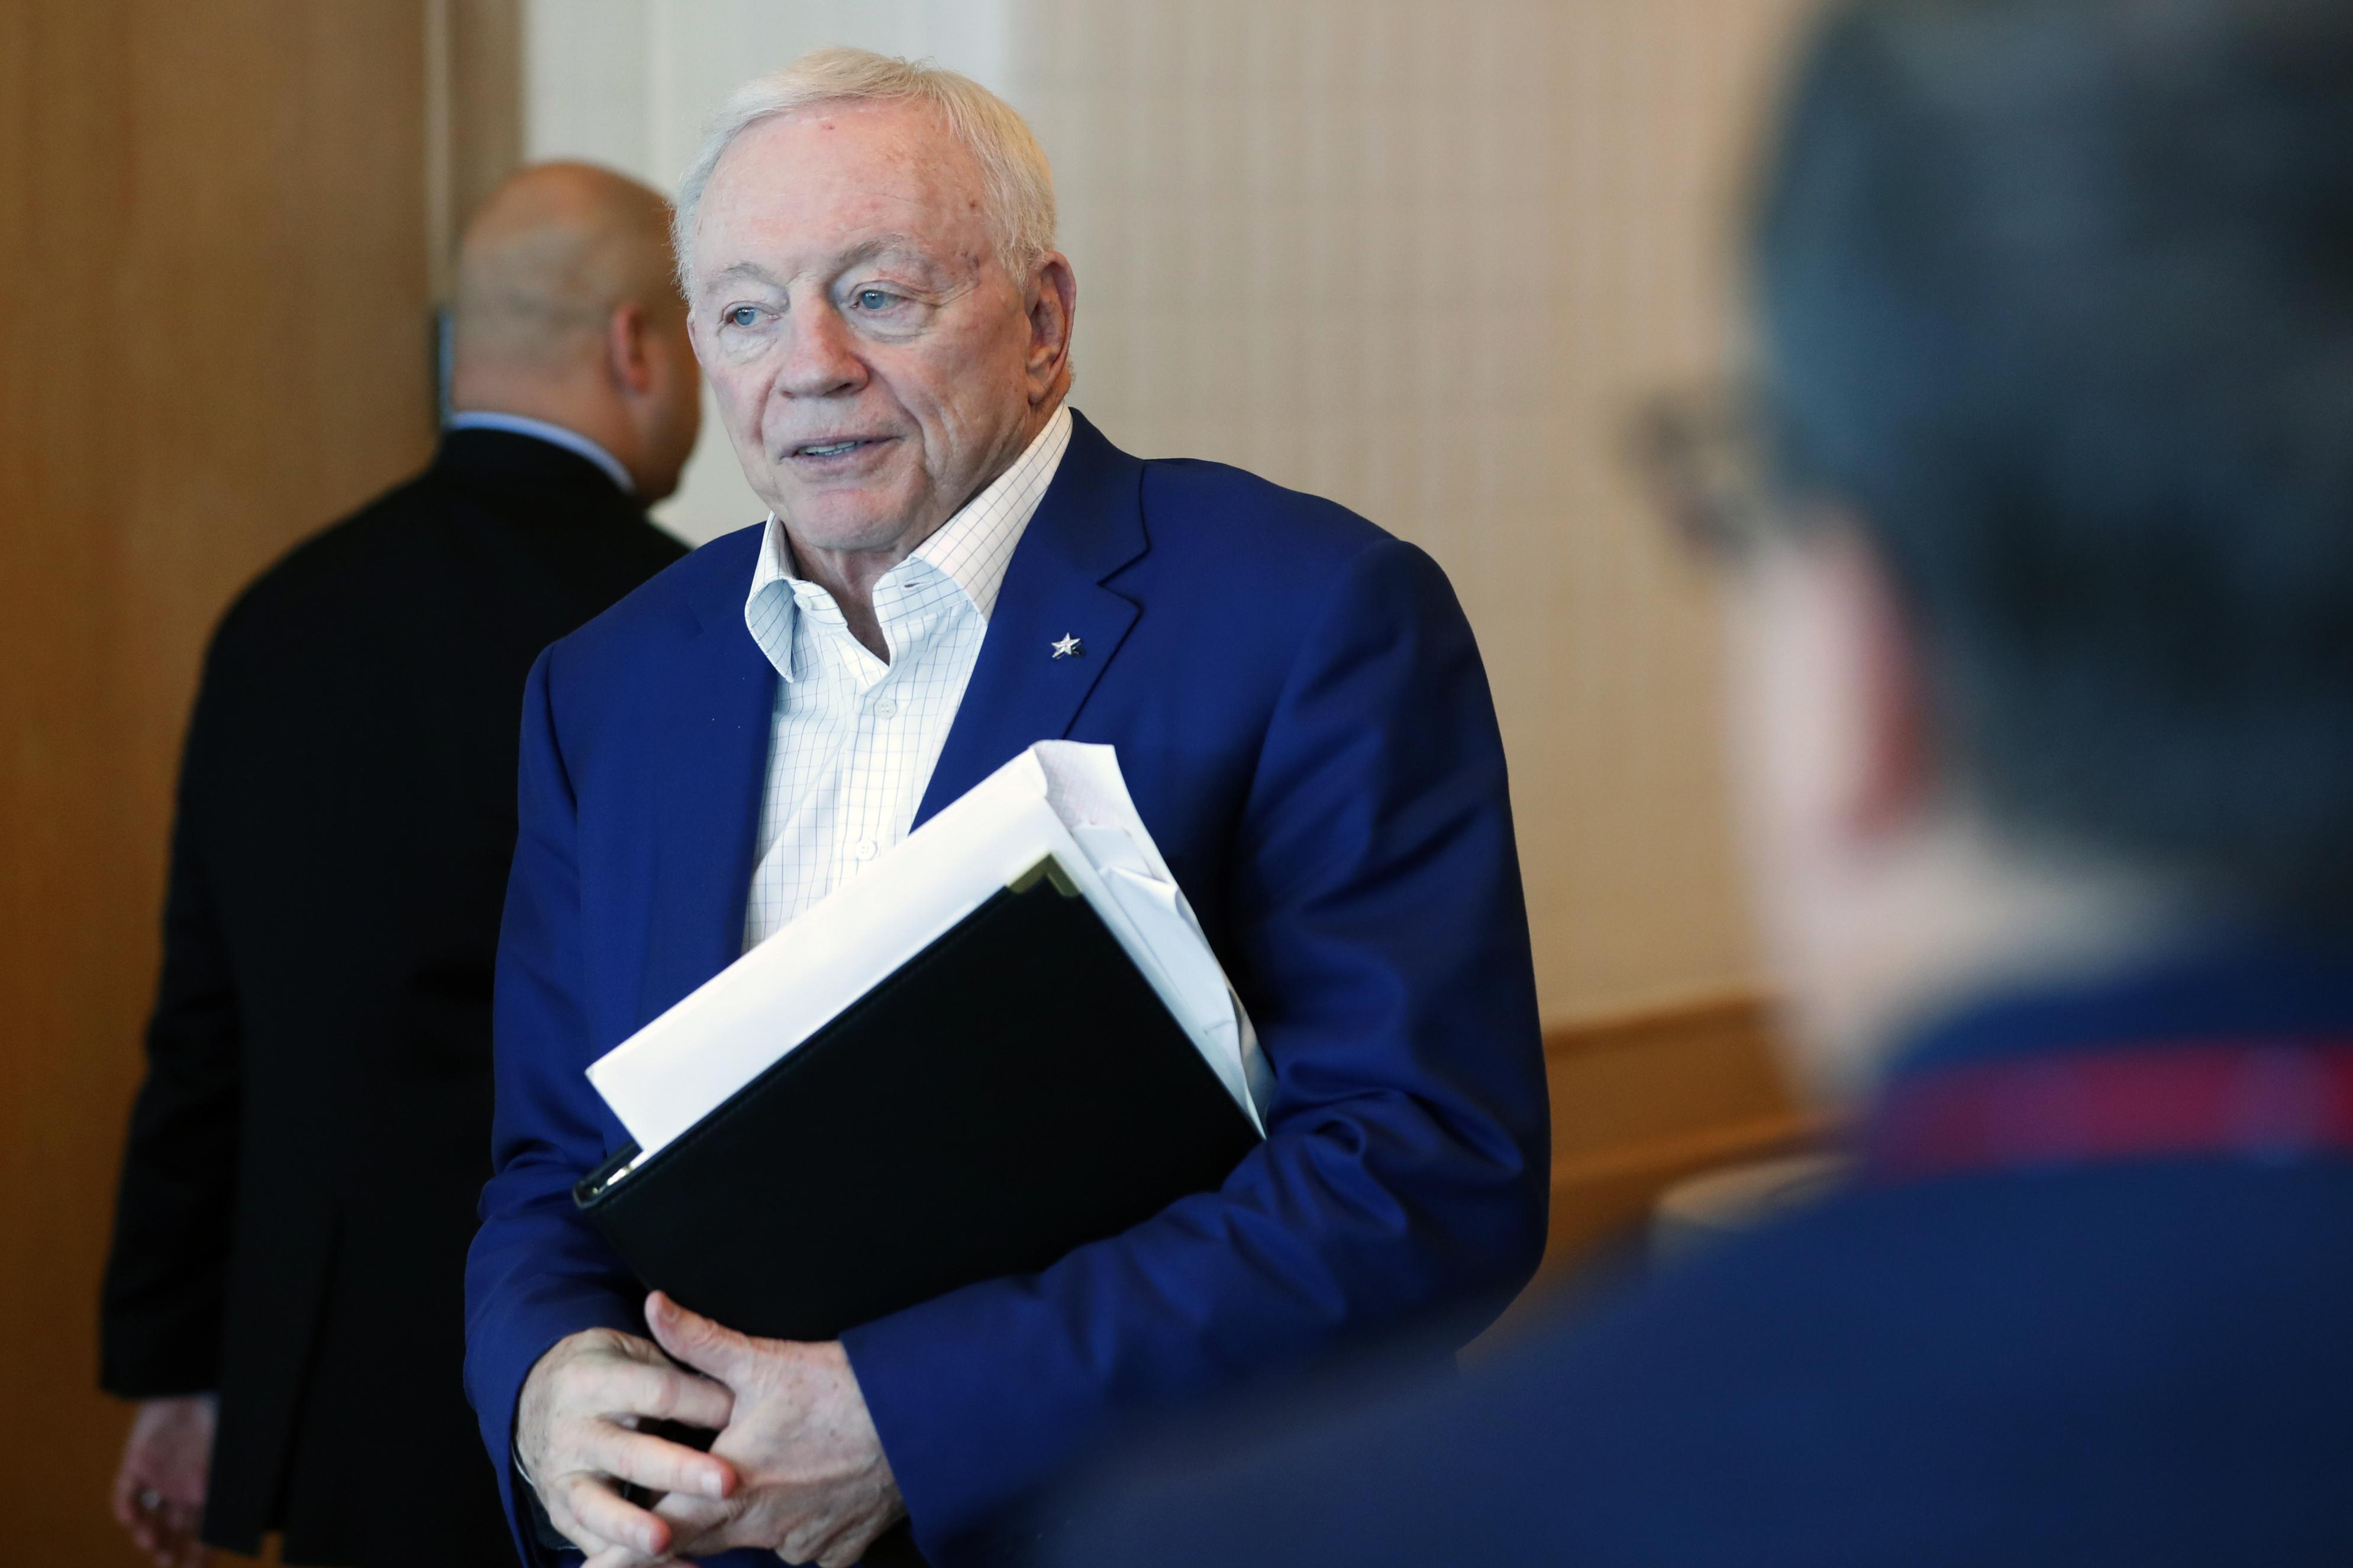 NFL rumors: 'Concerned' Cowboys owner Jerry Jones sounds afraid of the Eagles